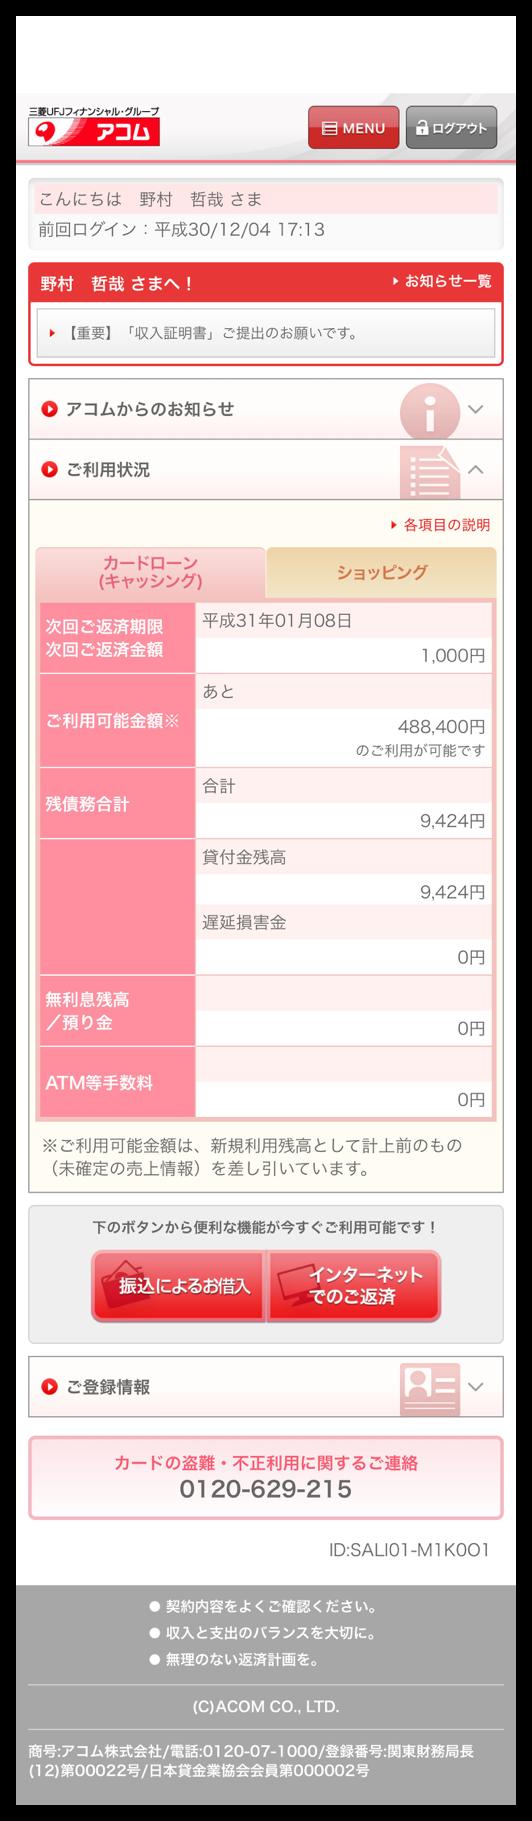 アコム会員サイトのトップページ